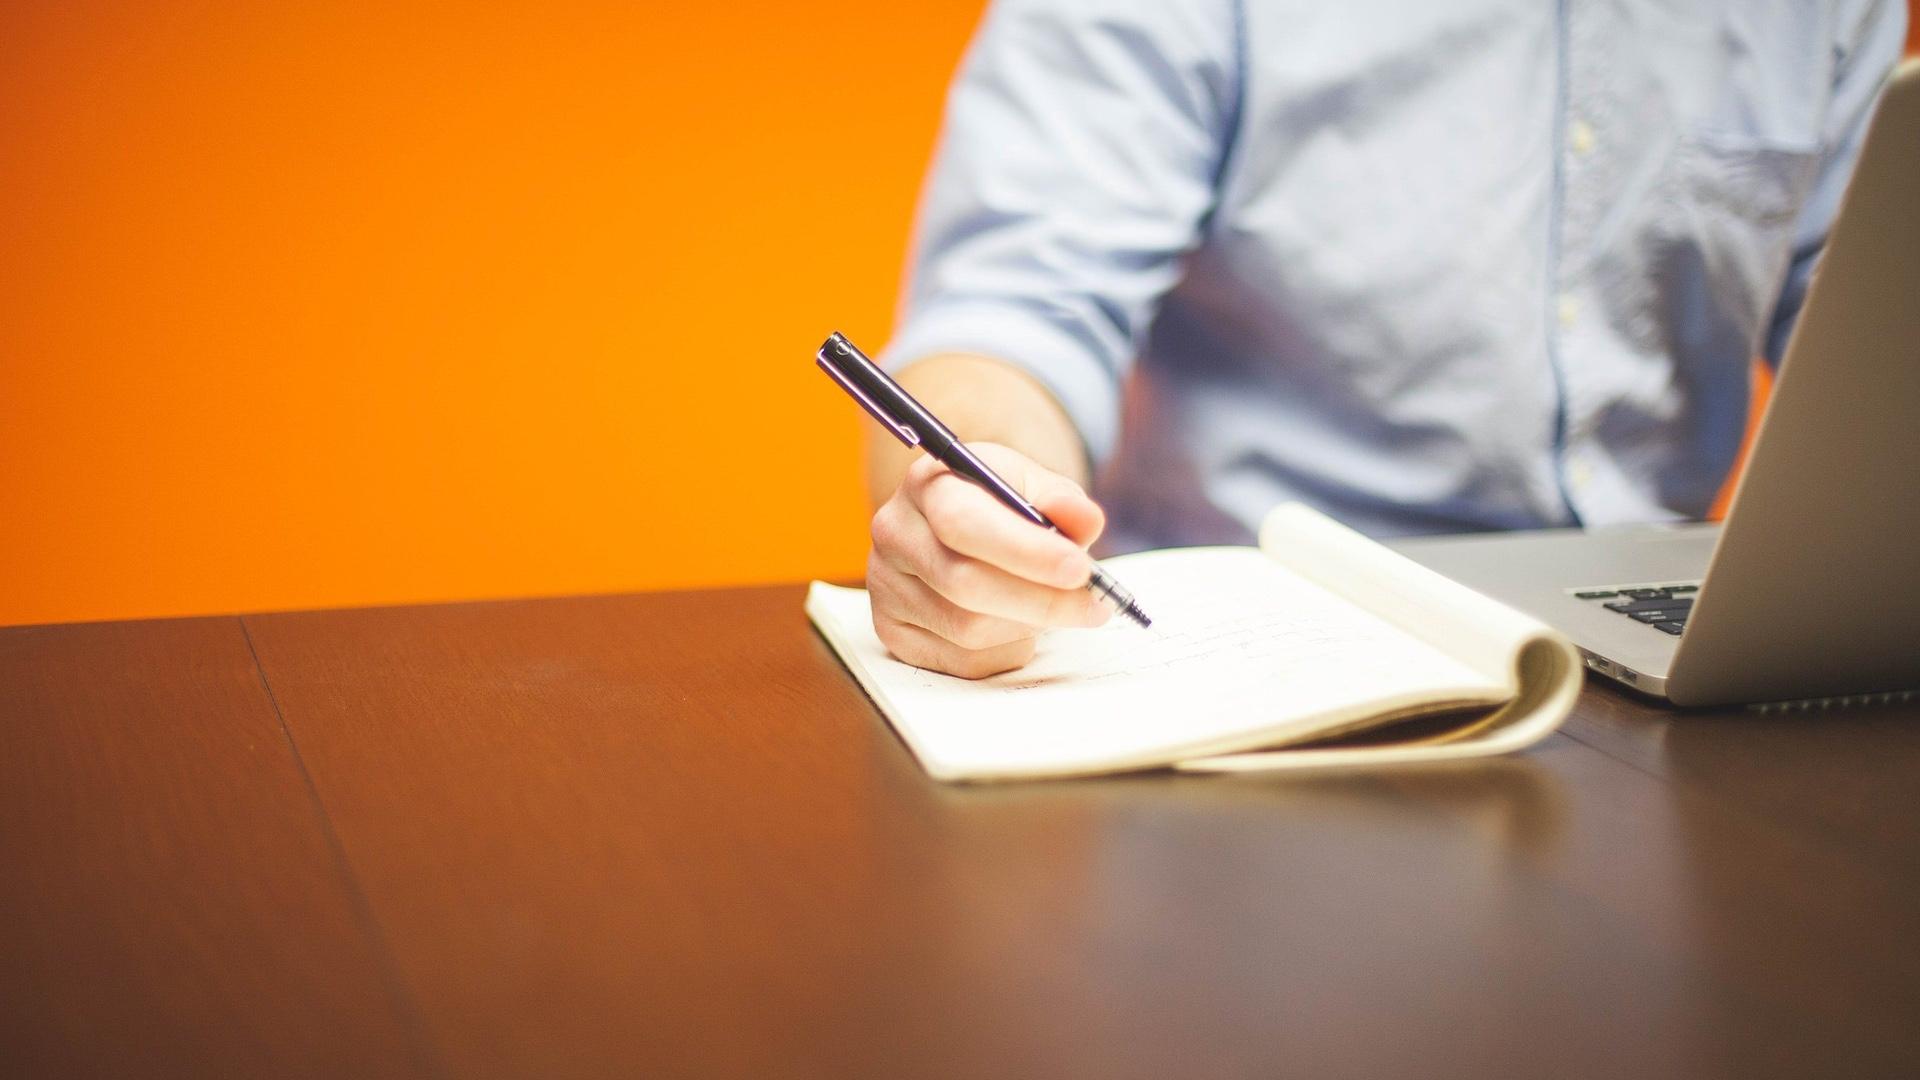 Représentation de la formation : Employé(e) Administratif(ve) et d'Accueil CCP1 : Réaliser les travaux administratifs courants d'une structure